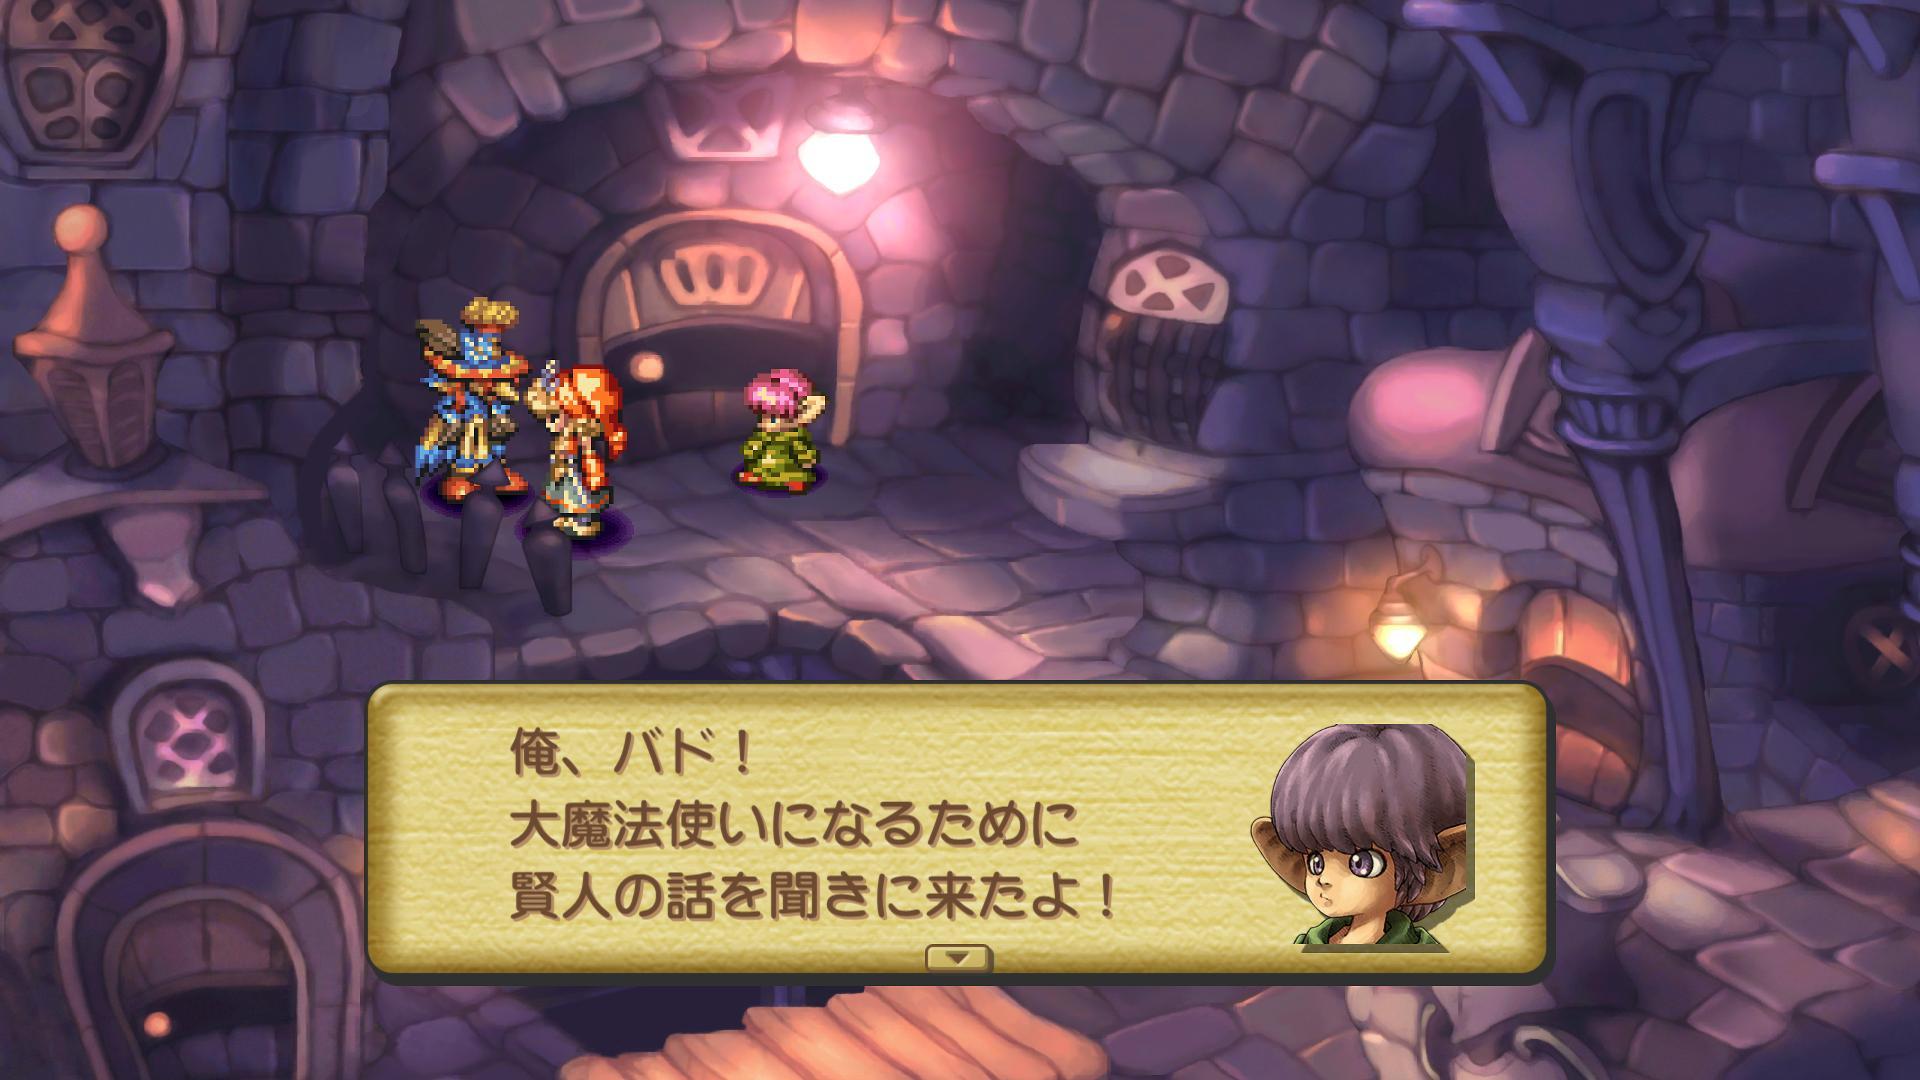 Legend-of-Mana-Remaster-22.jpg?ssl=1